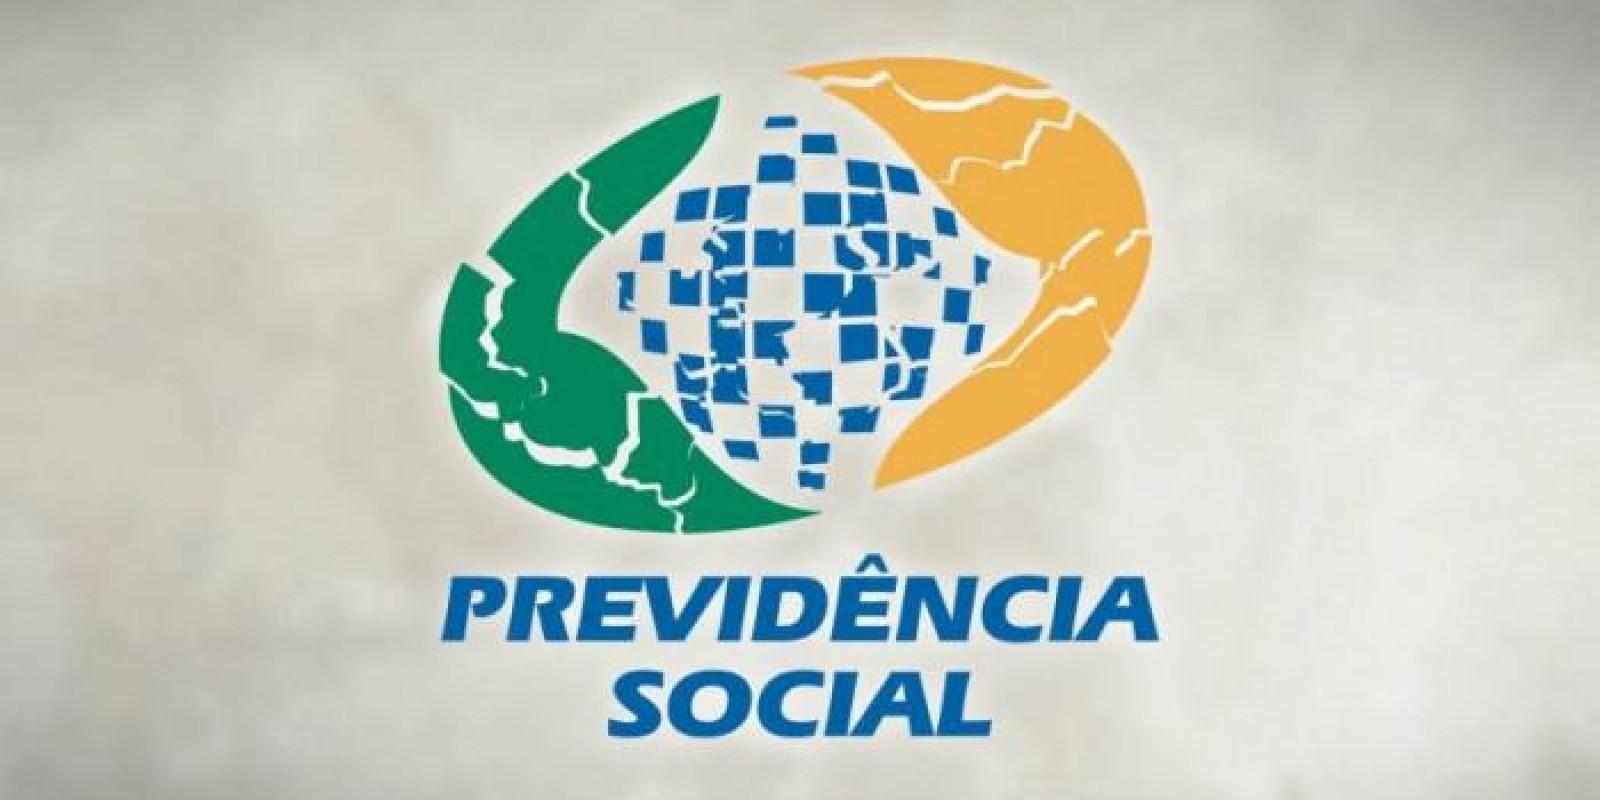 Bancários se unem a outras categorias para definir plano de lutas em defesa da Previdência Social